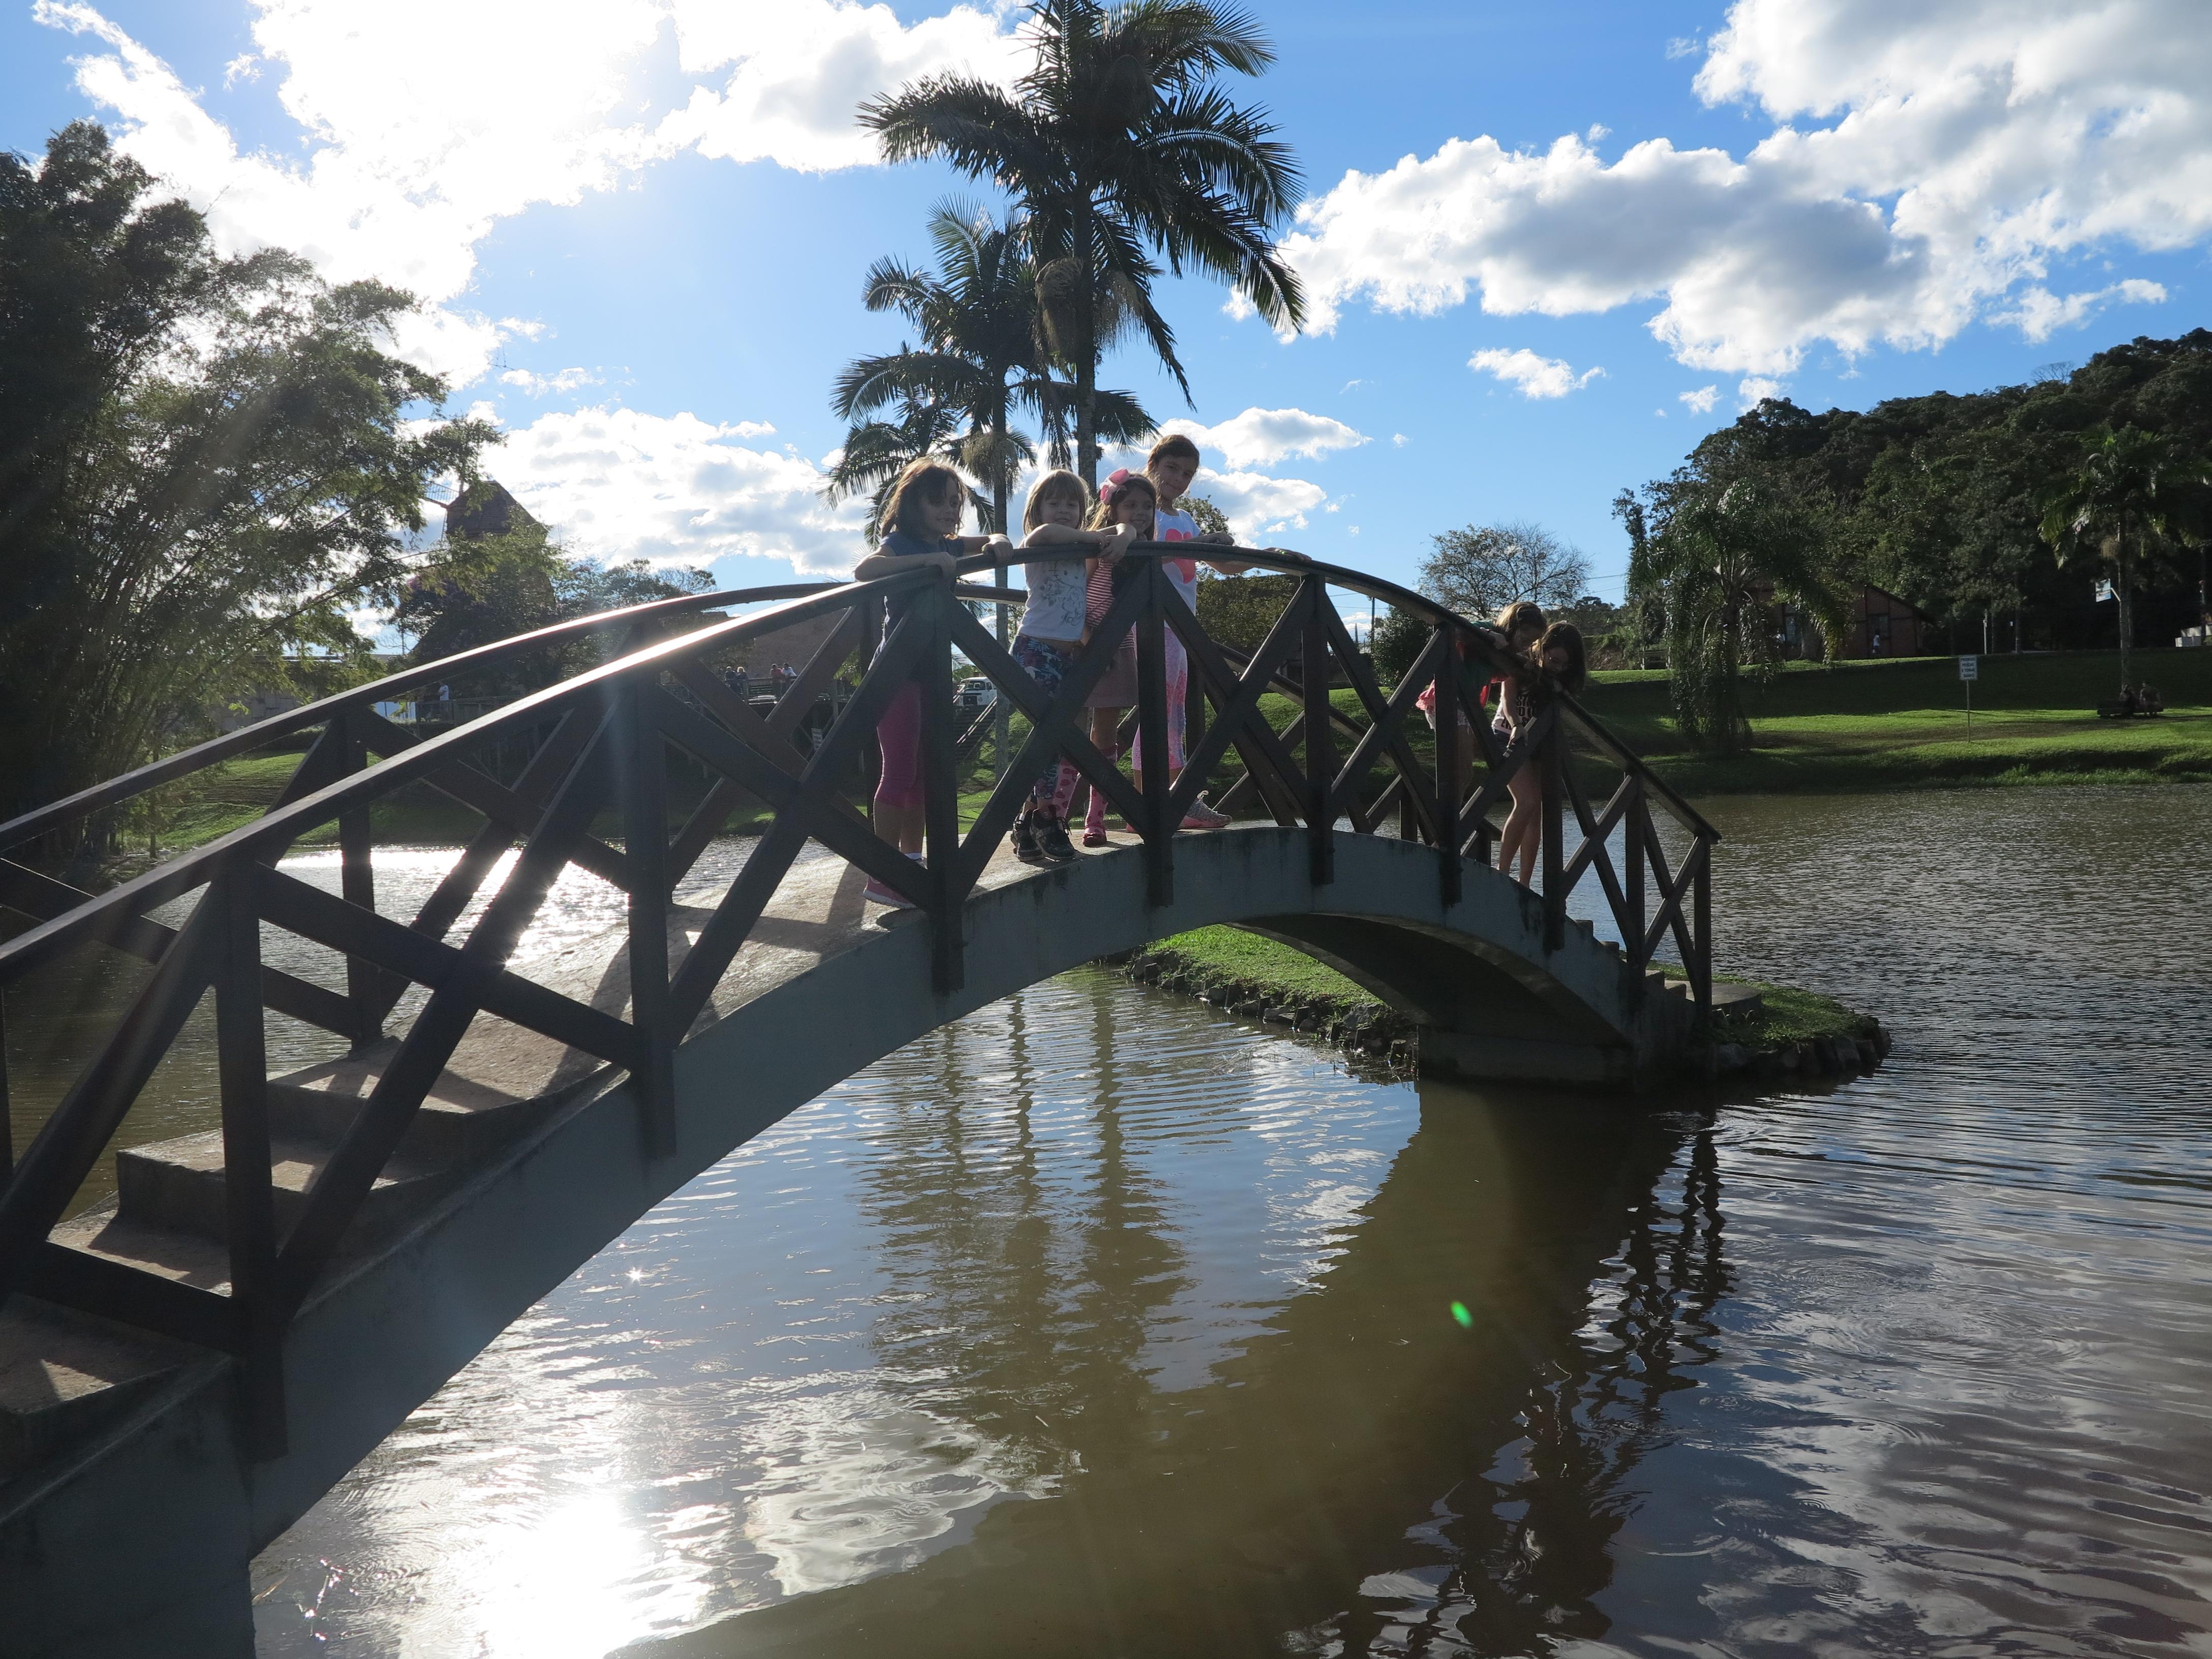 Parque Expoville Atividades - local de diversão para toda família!